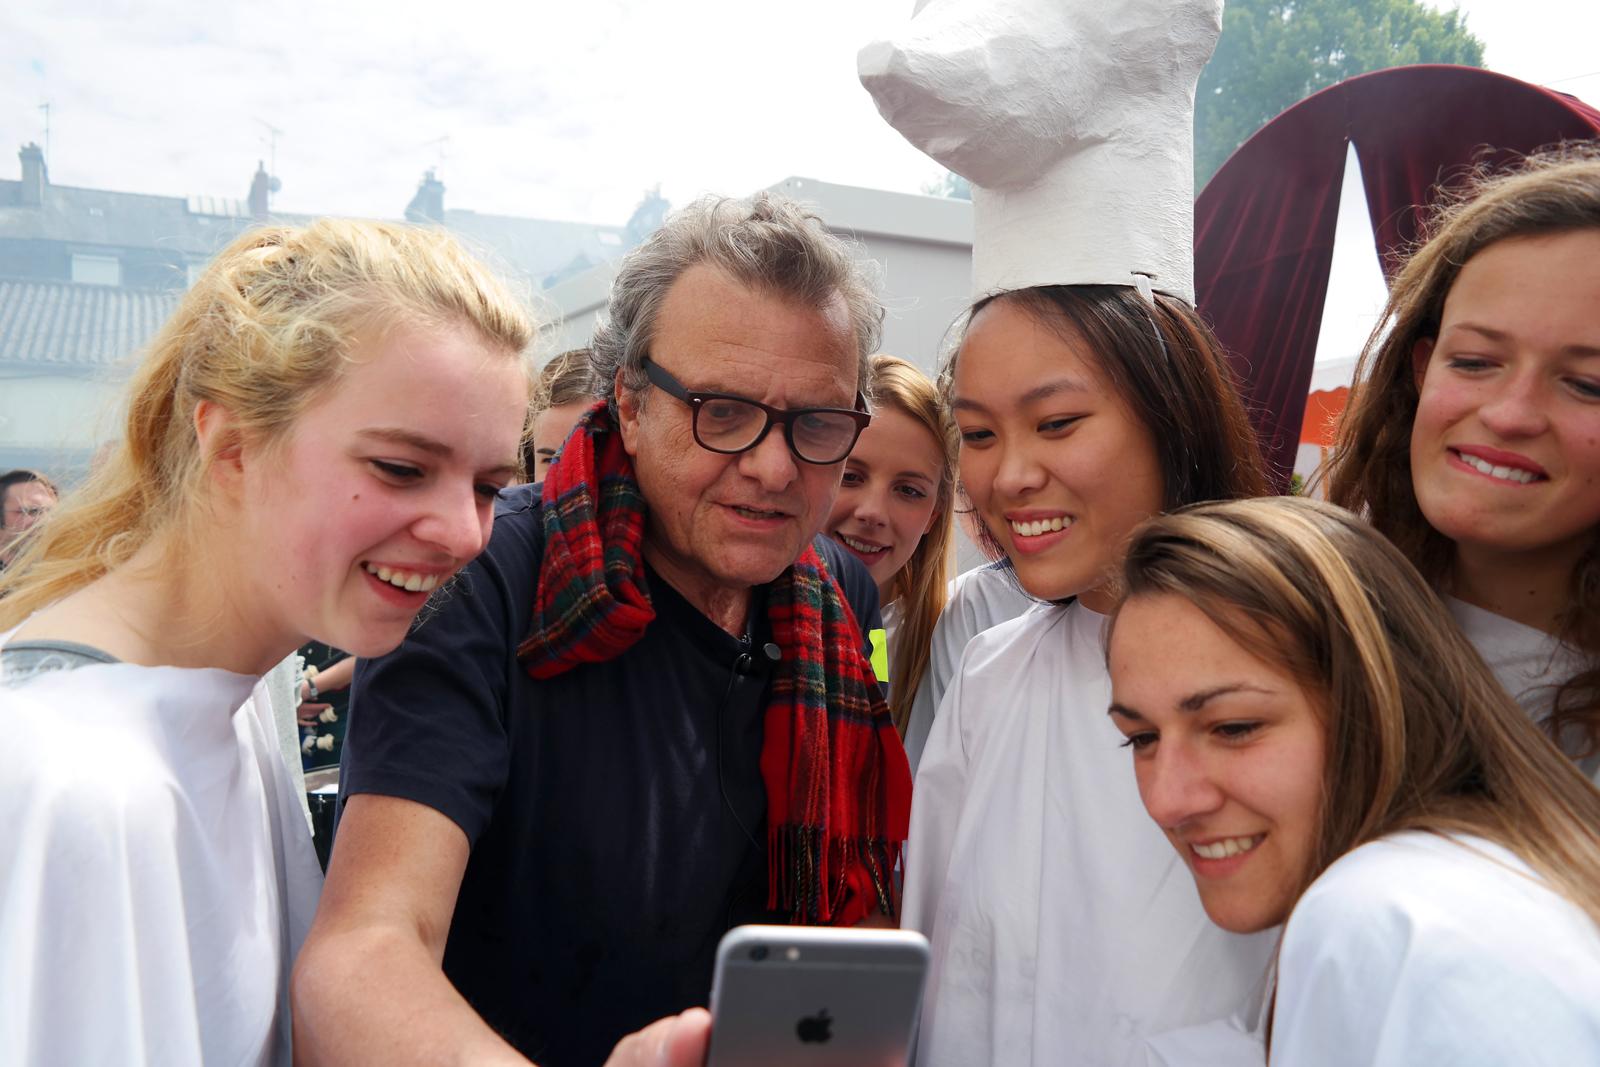 Jean-Charles-de-Castelbajac-JCDC-couturier-avec-ses-mannequins-création-mode-musique-Fantomes-Mr-No-Art-Rock-2015-festival-Saint-Brieuc-photo-coulisses-by-United-States-of-Paris-blog